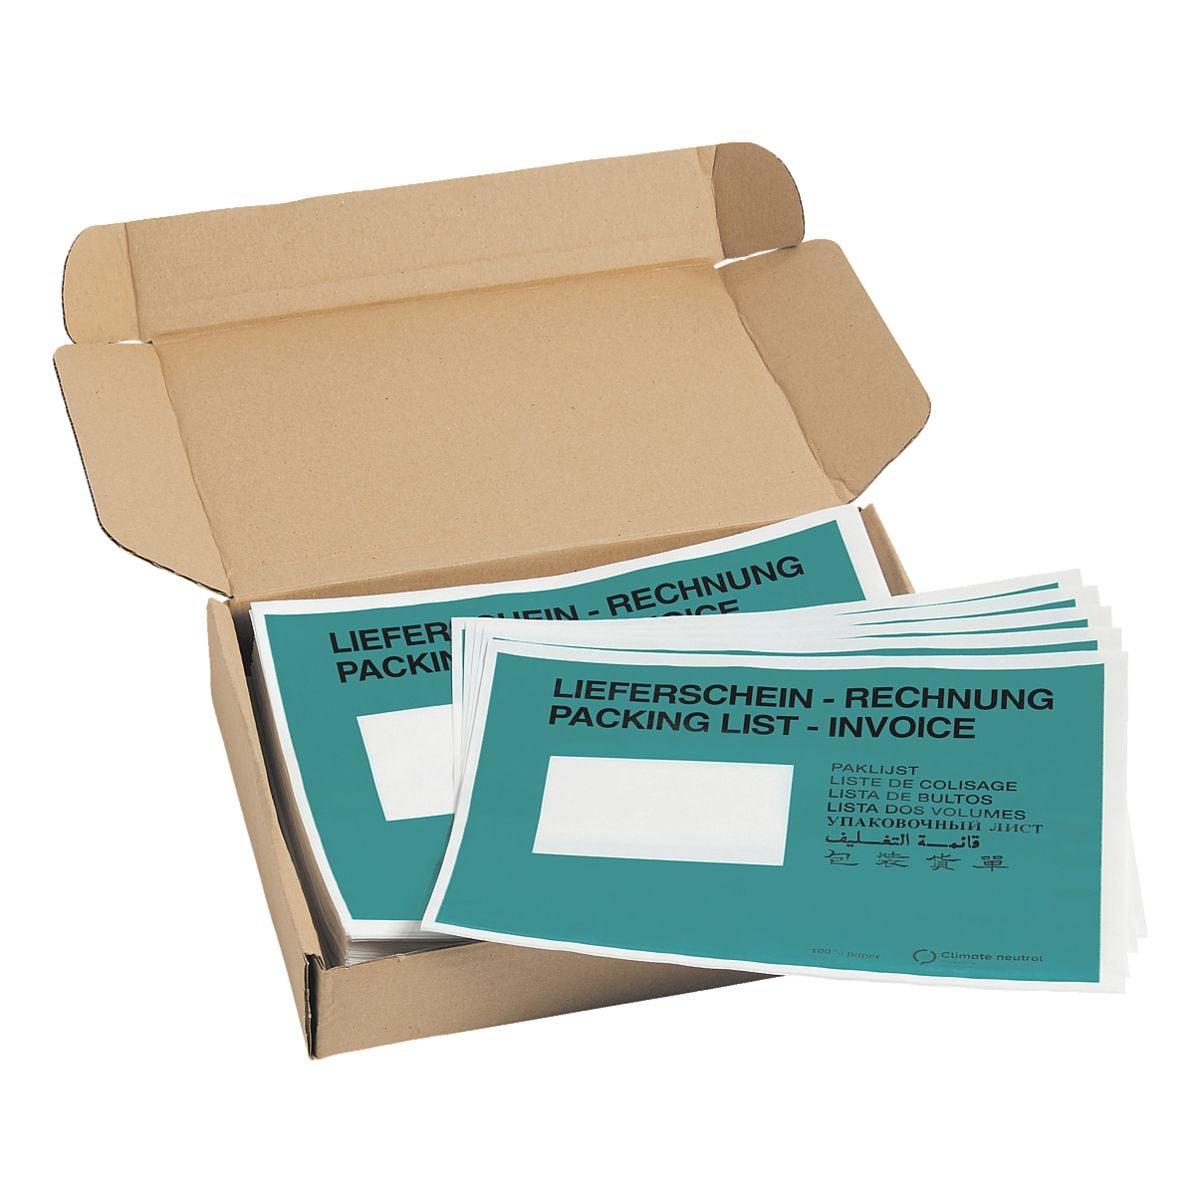 Mailmedia 250er-Pack Dokumenten- und Lieferscheintaschen mit Aufdruck, C5